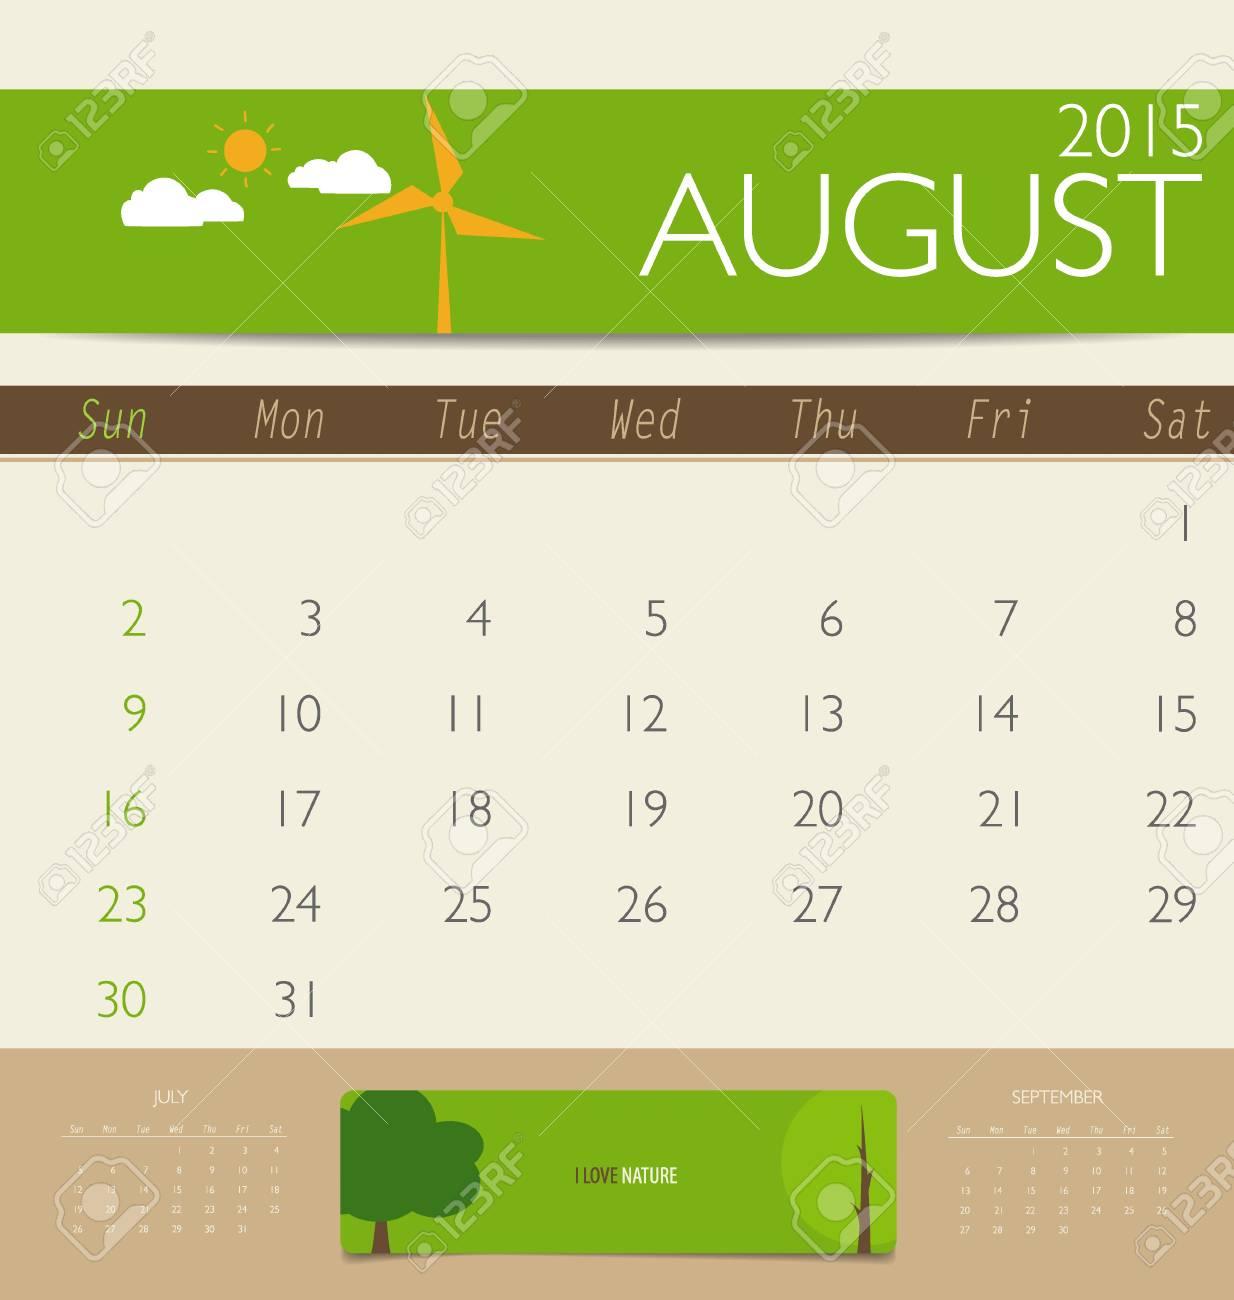 2015 Calendario, Plantilla Calendario Mensual Para Agosto ...